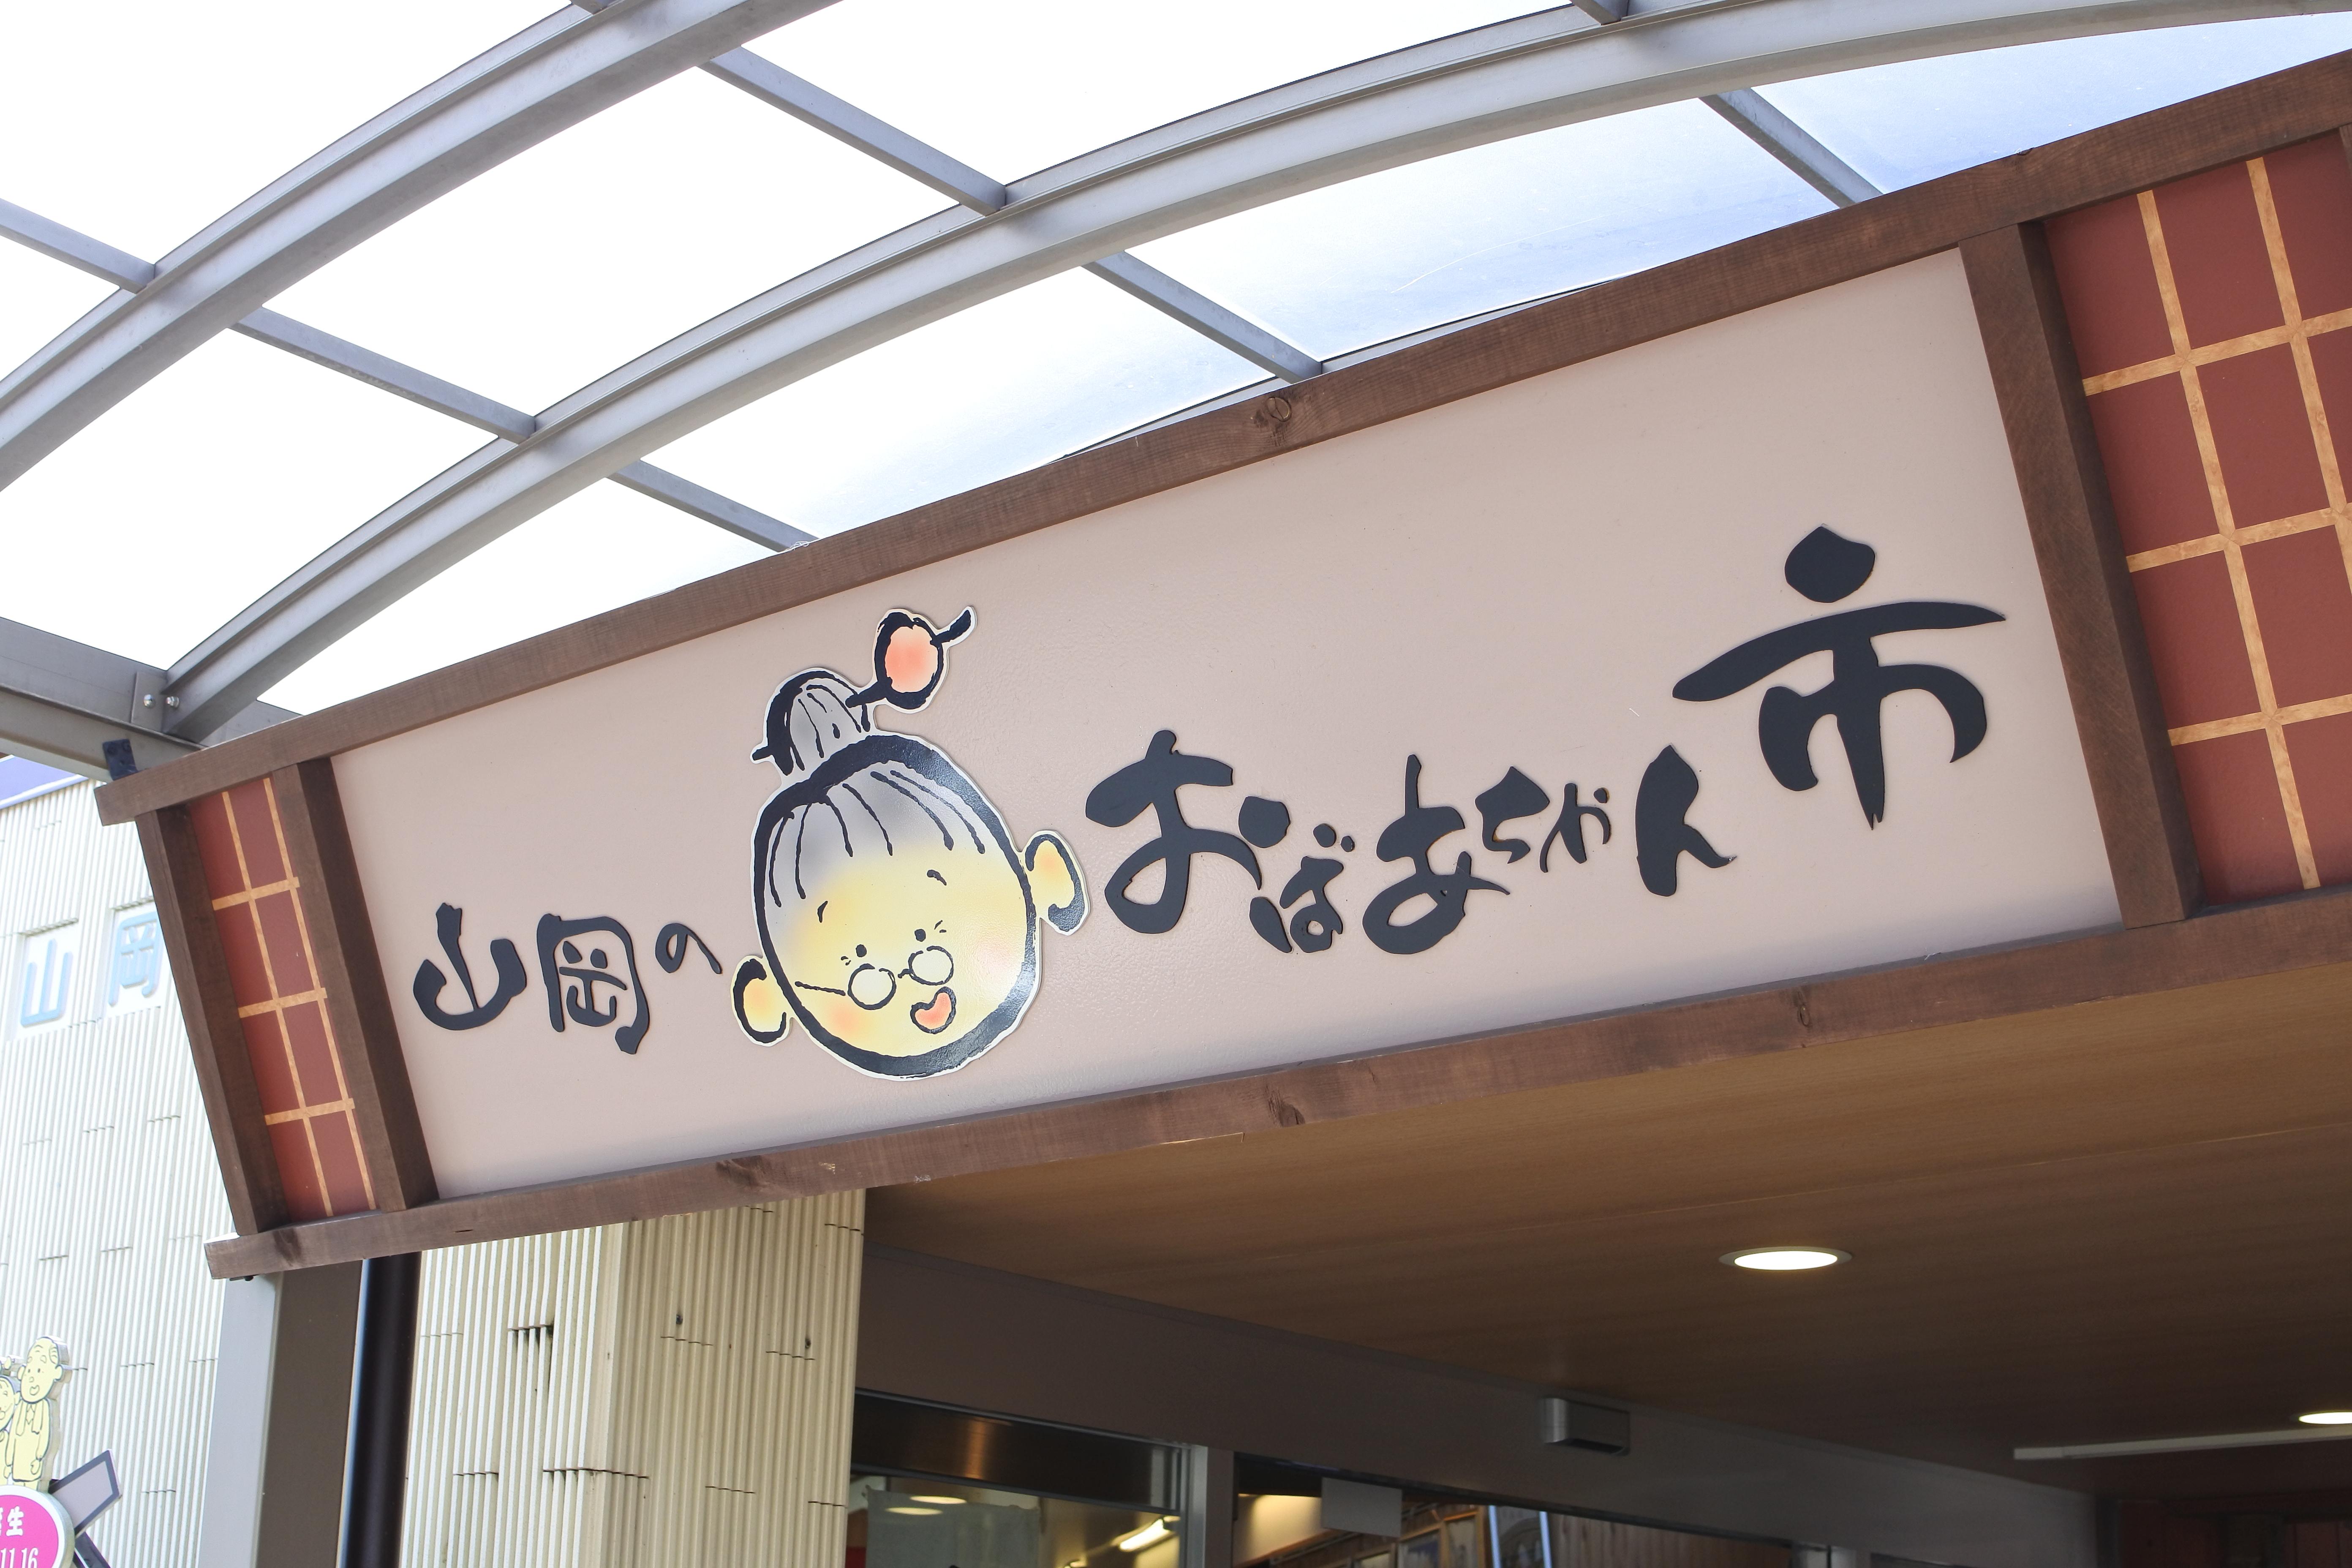 日本一の木製水車でお馴染み『山岡のおばあちゃん市』は、春のおでかけにオススメ - DSC 1165